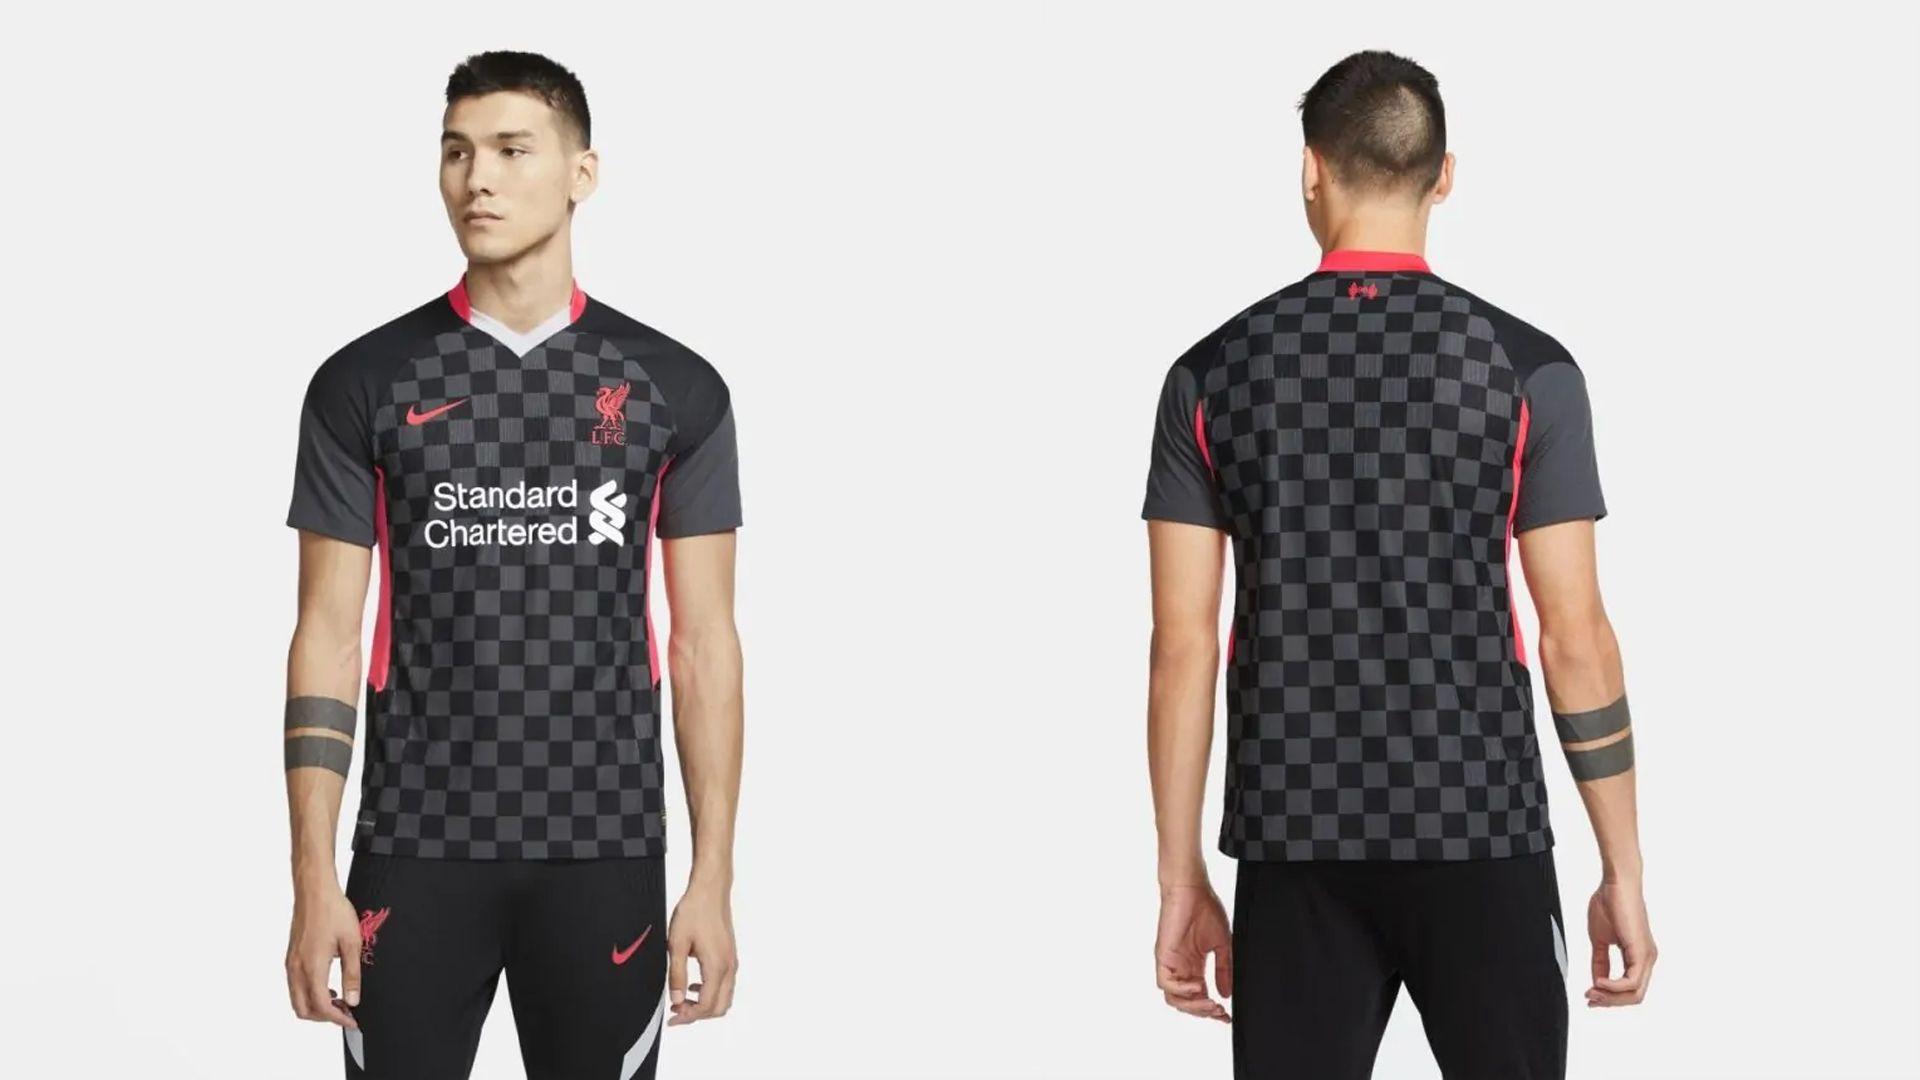 Camisa do Liverpool Preta (Imagem: Divulgação/Nike)